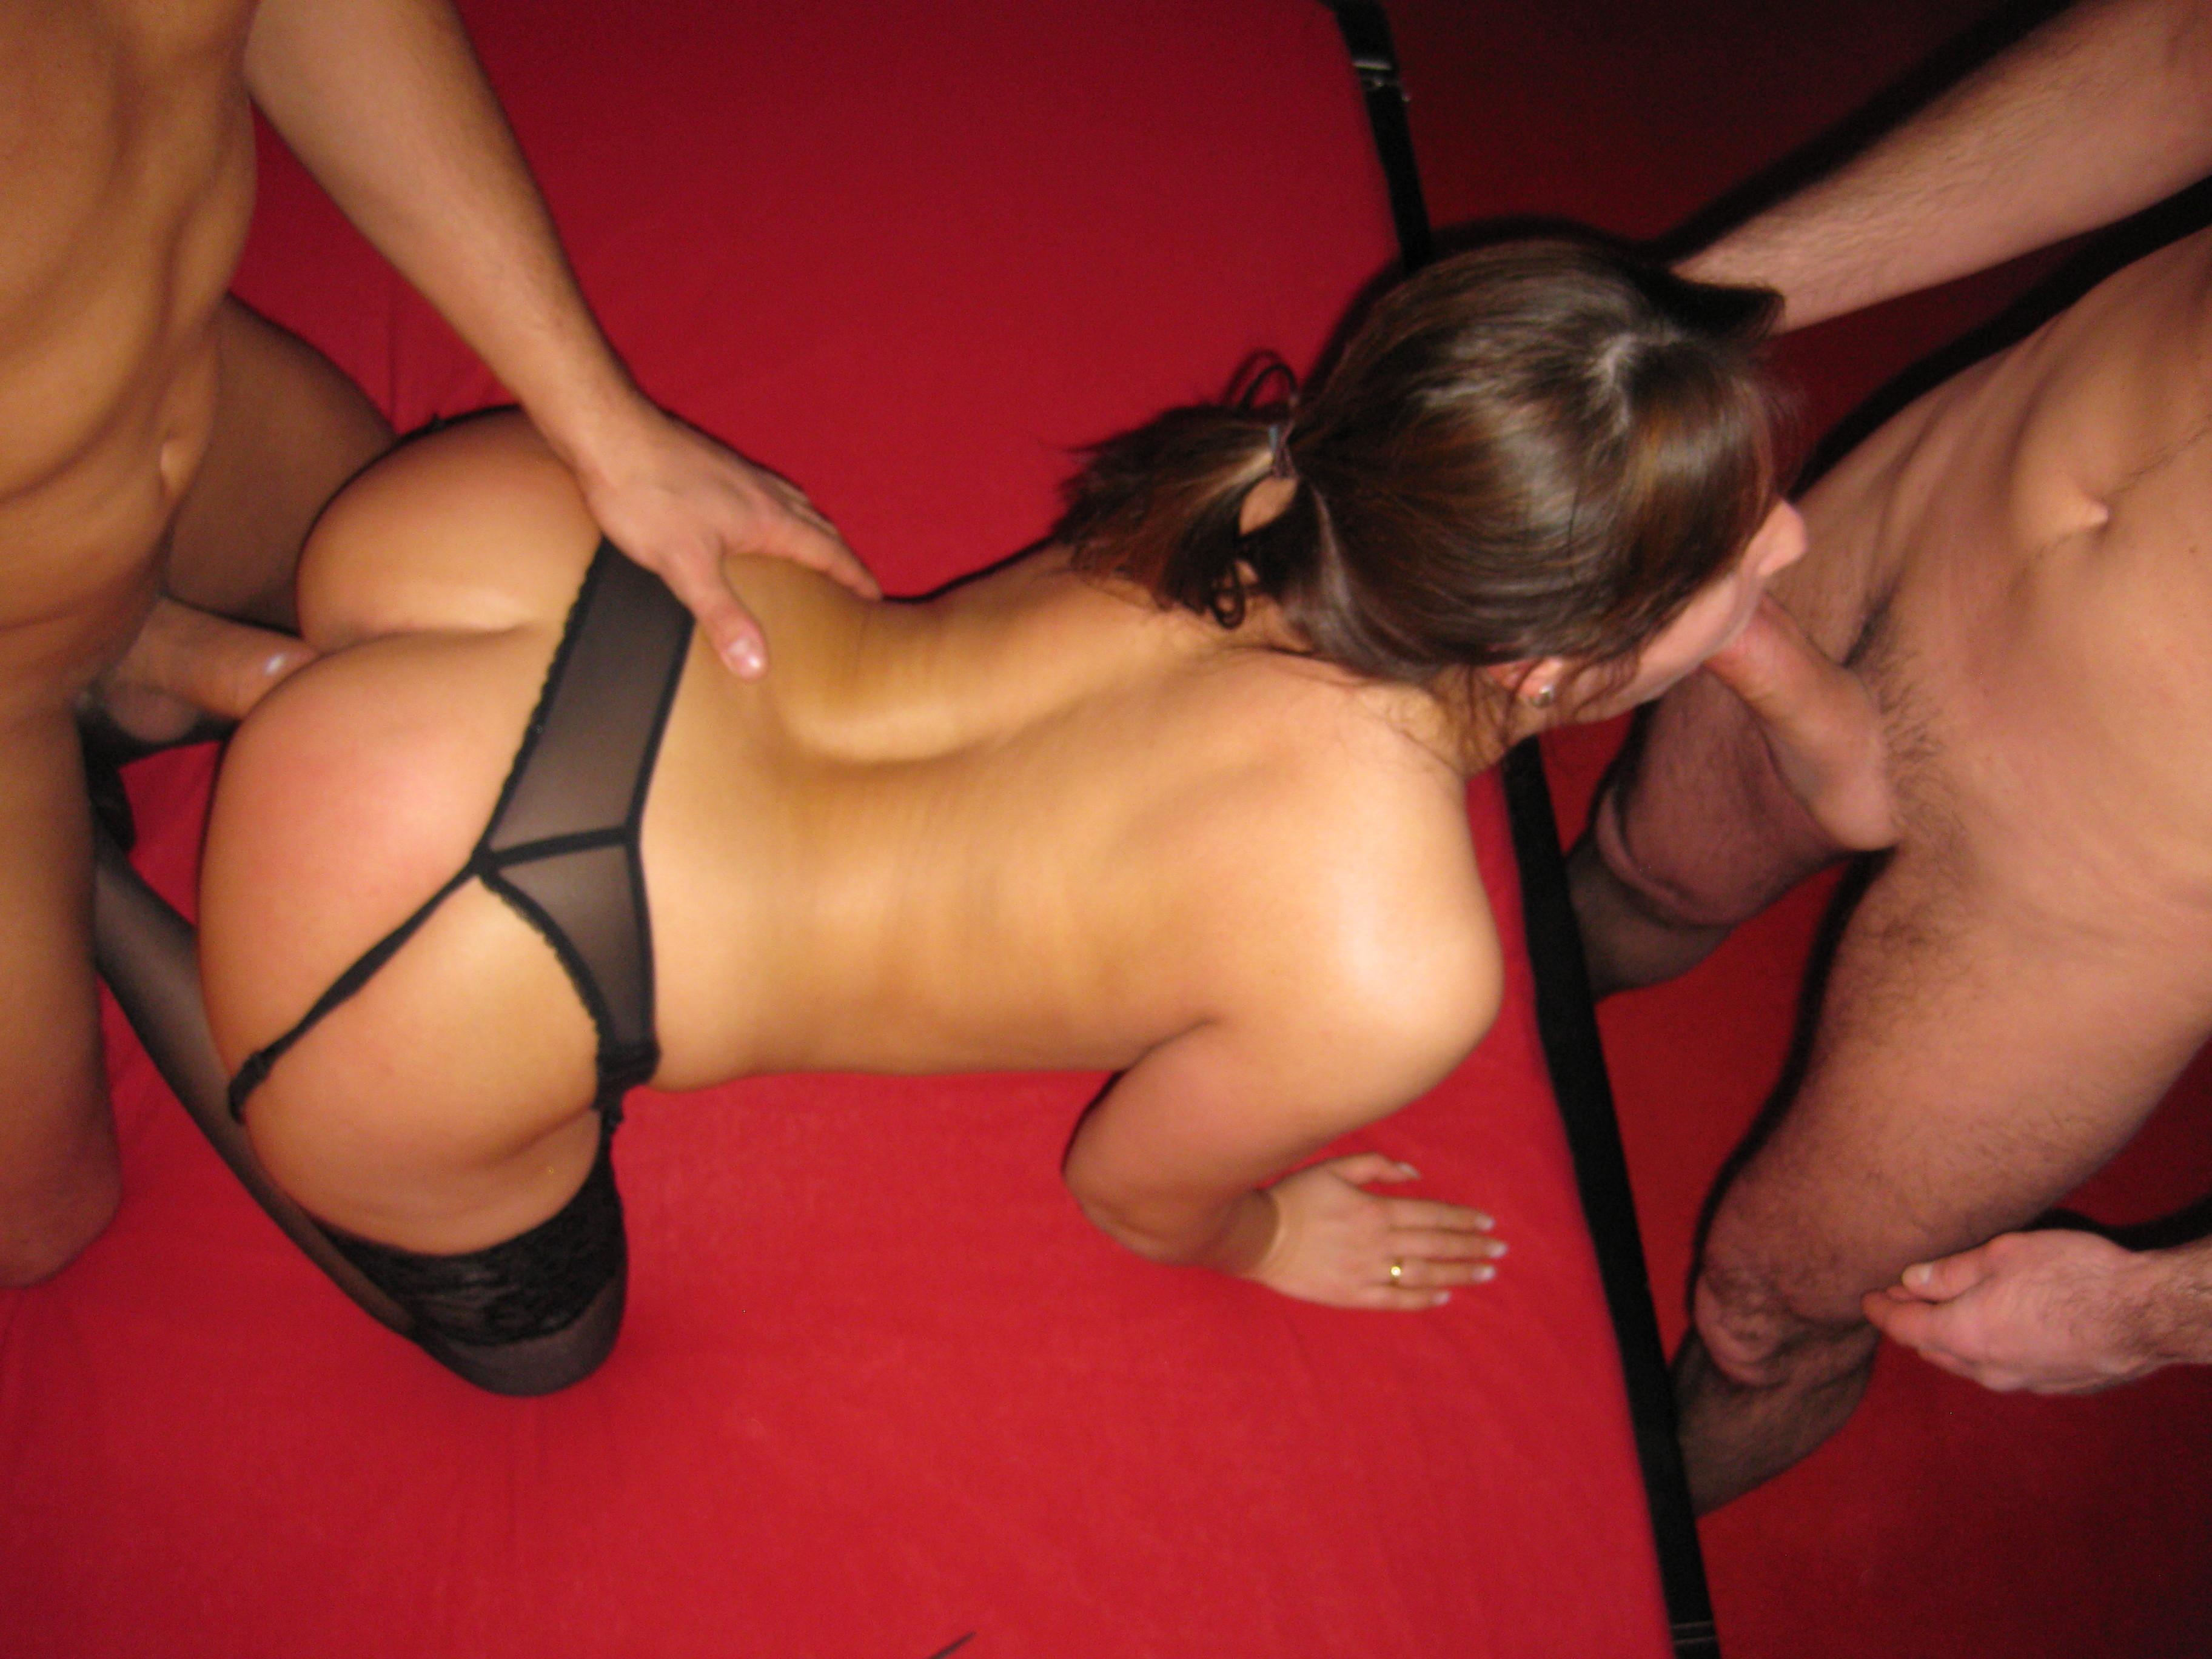 Девушке устраивают двойное проникновение, а она получает от этого большое удовольствие